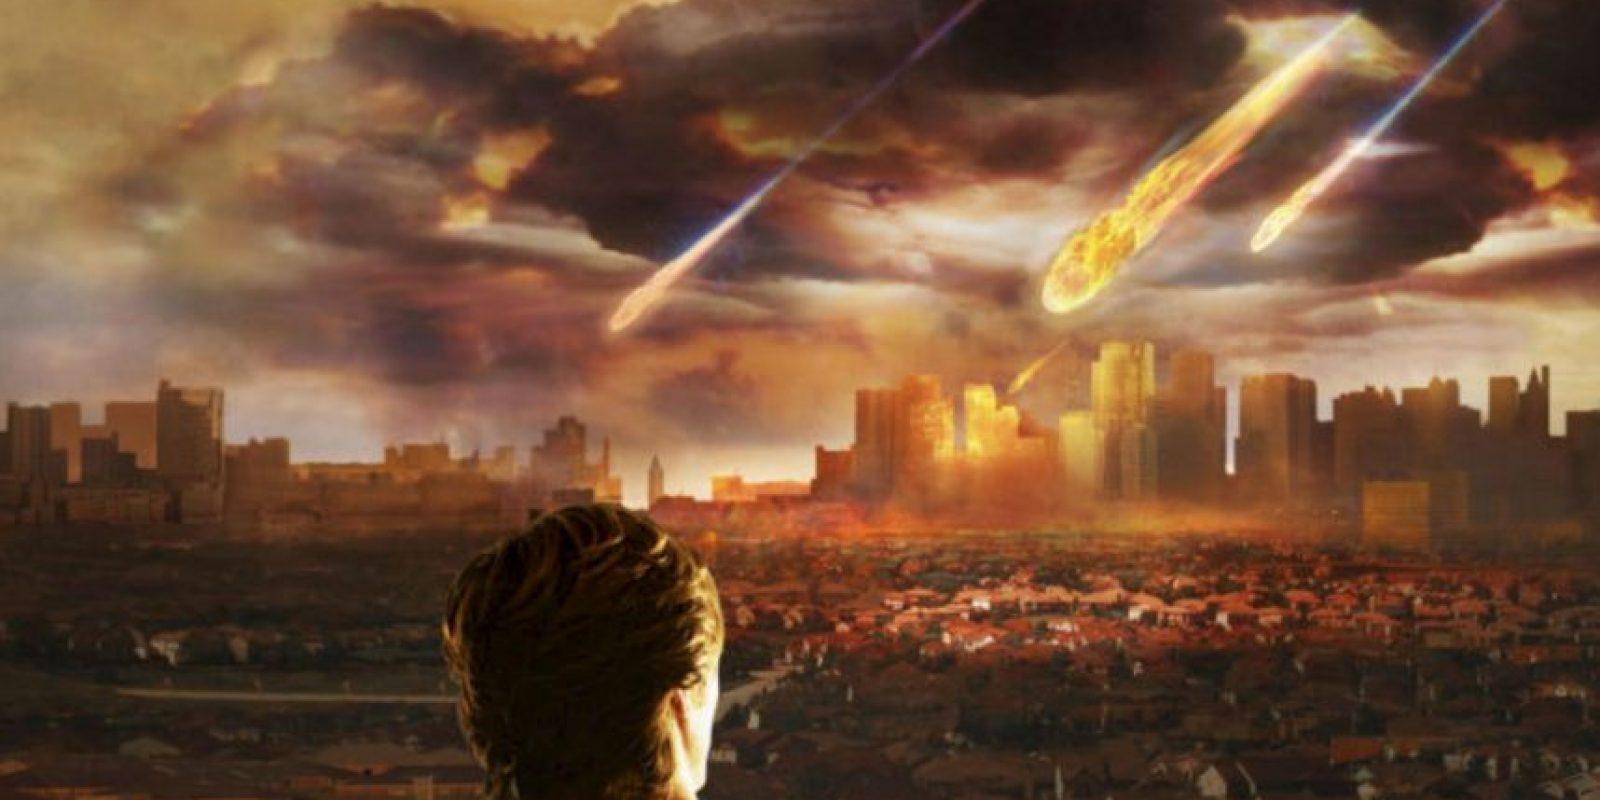 El Código también habla del fin del mundo. Foto:Universal